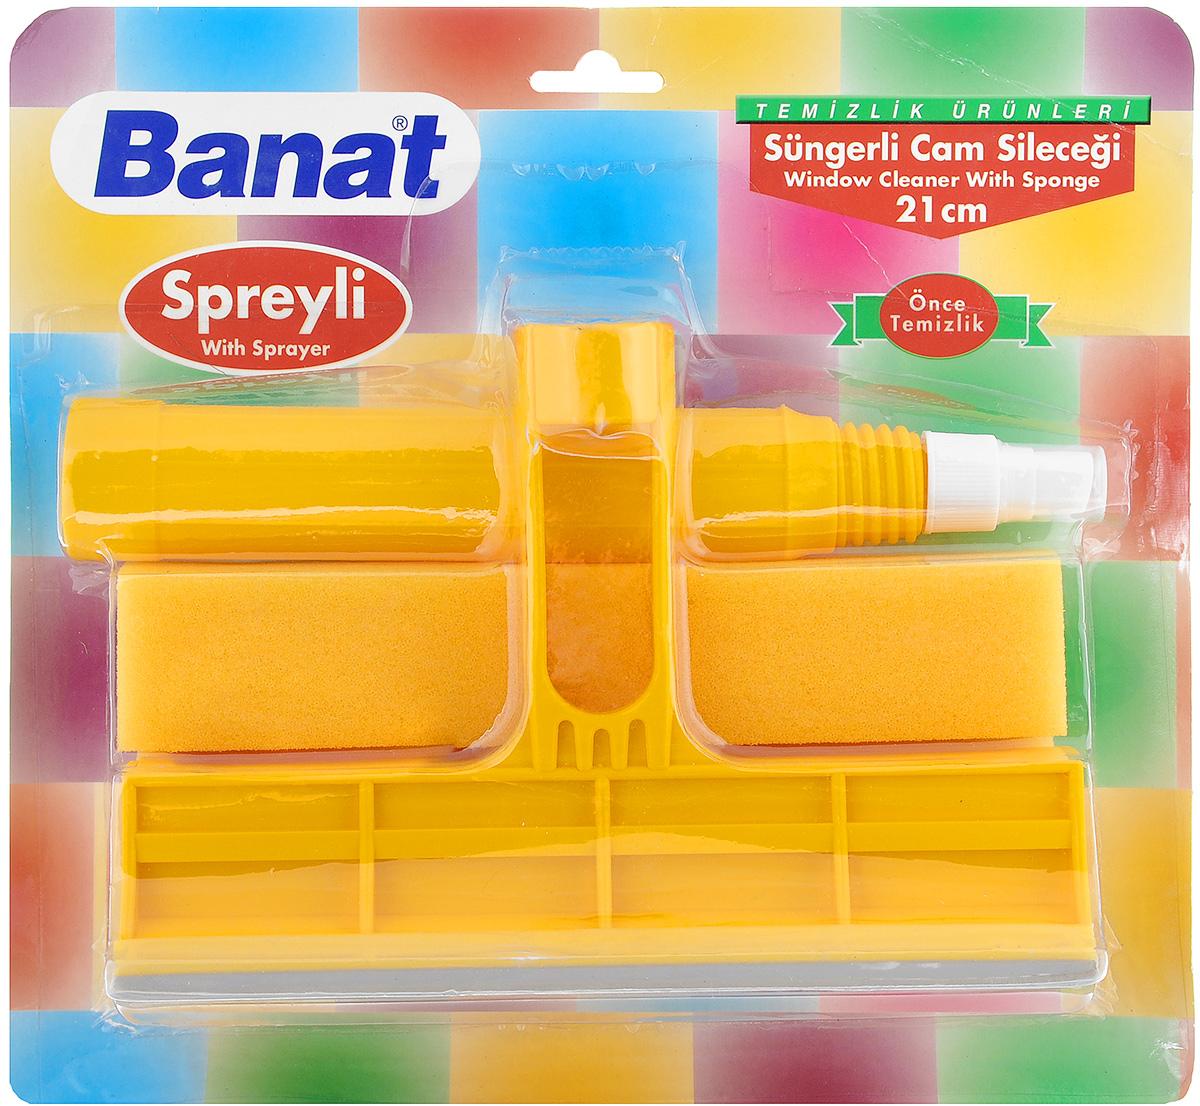 Окномойка Banat, со спреем, цвет: желтый, ширина 21 см860055_желтыйОкномойка Banat - очень удобный и практичный аксессуар для любой хозяйки. Изделие снабжено уникальной специальной рукояткой-емкостью с распылителем. В емкость-рукоятку можно налить моющее средство, распылить на поверхность стекла, убрать загрязнения губкой, излишки воды убрать резиновым сгоном. Быстро и компактно. При истирании или повреждении губки заменить сменной. Сменная губка входит в комплект. Размер окномойки (без учета губки): 14,3 х 21 х 5 см. Длина рукоятки: 23 см. Длина губки: 20,5 см.